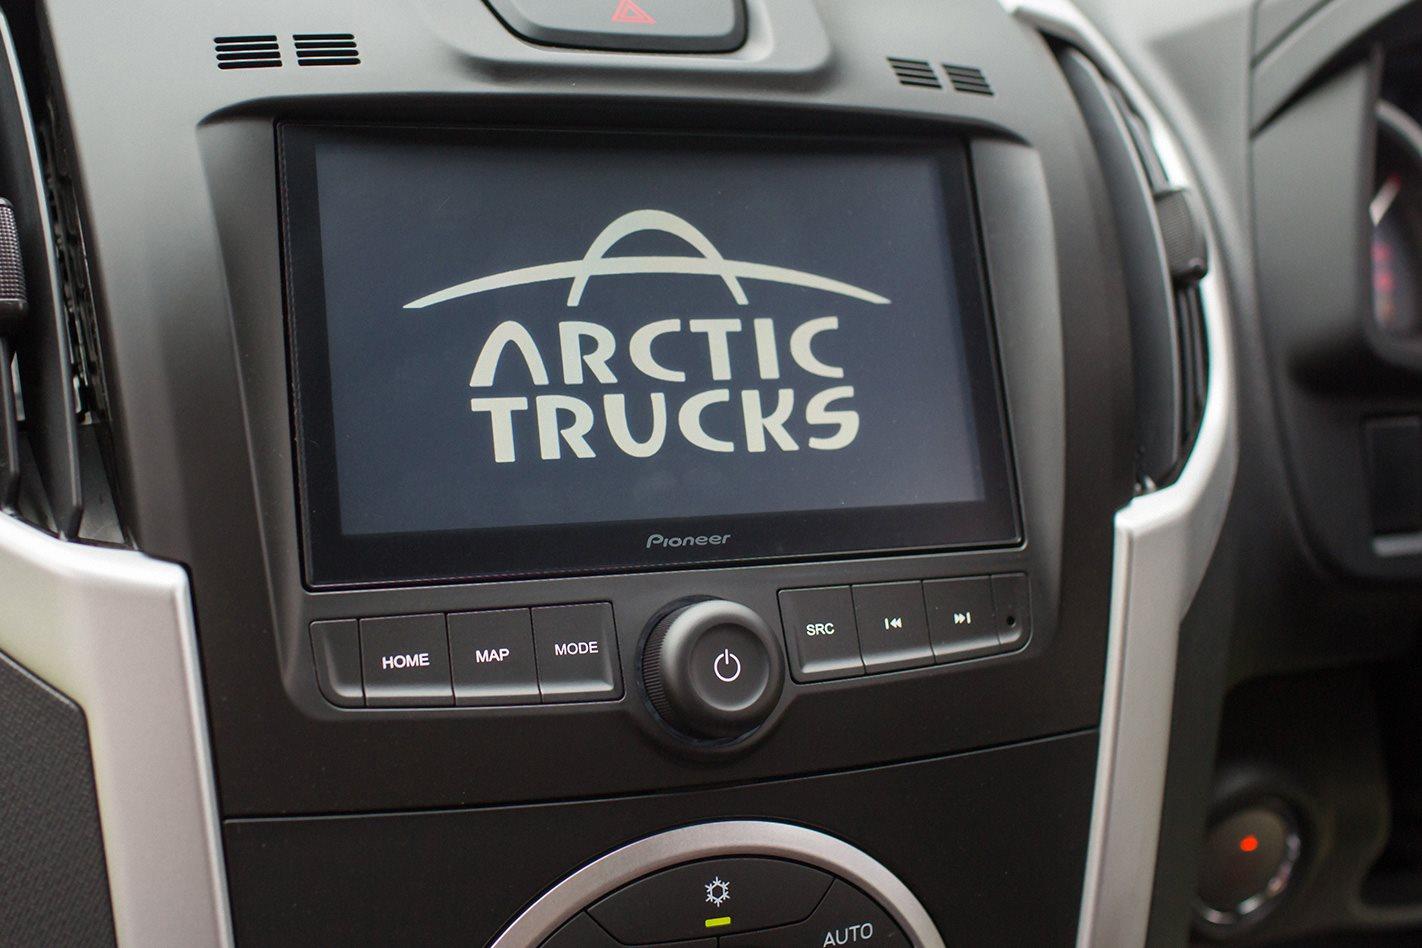 Isuzu D Max Arctic Truck AT35 electronics